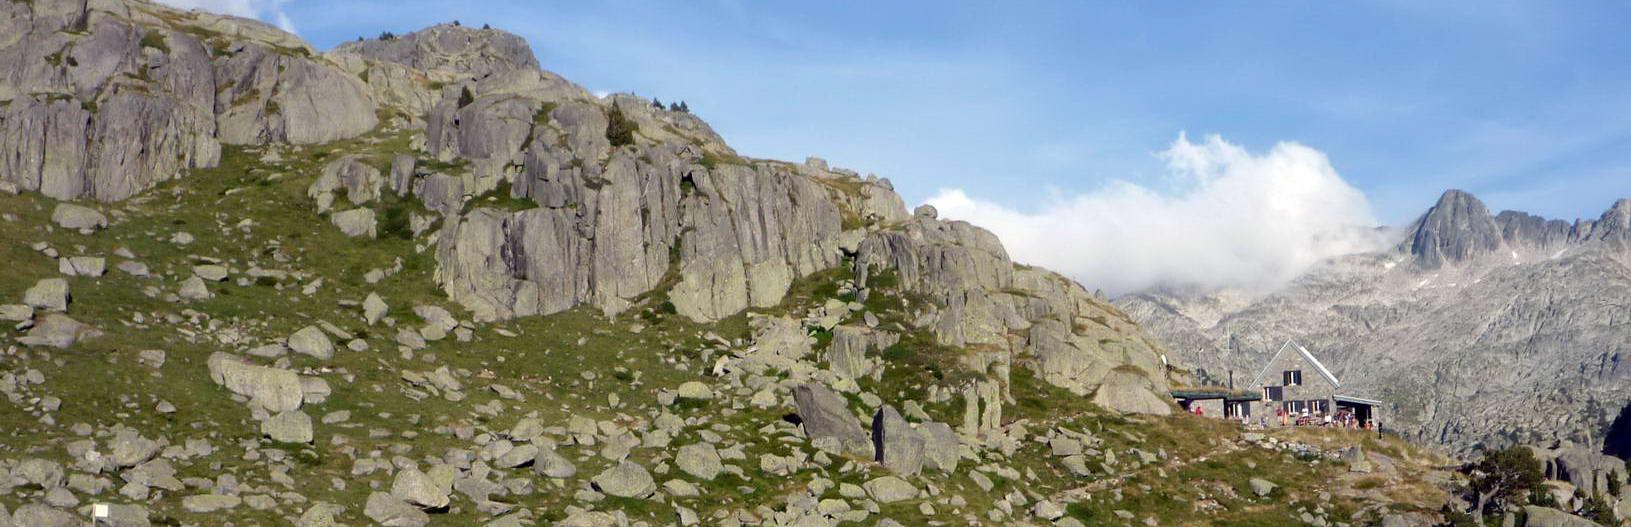 Refugio Joan Ventosa i Calvell | Carros de Foc Sky Runner